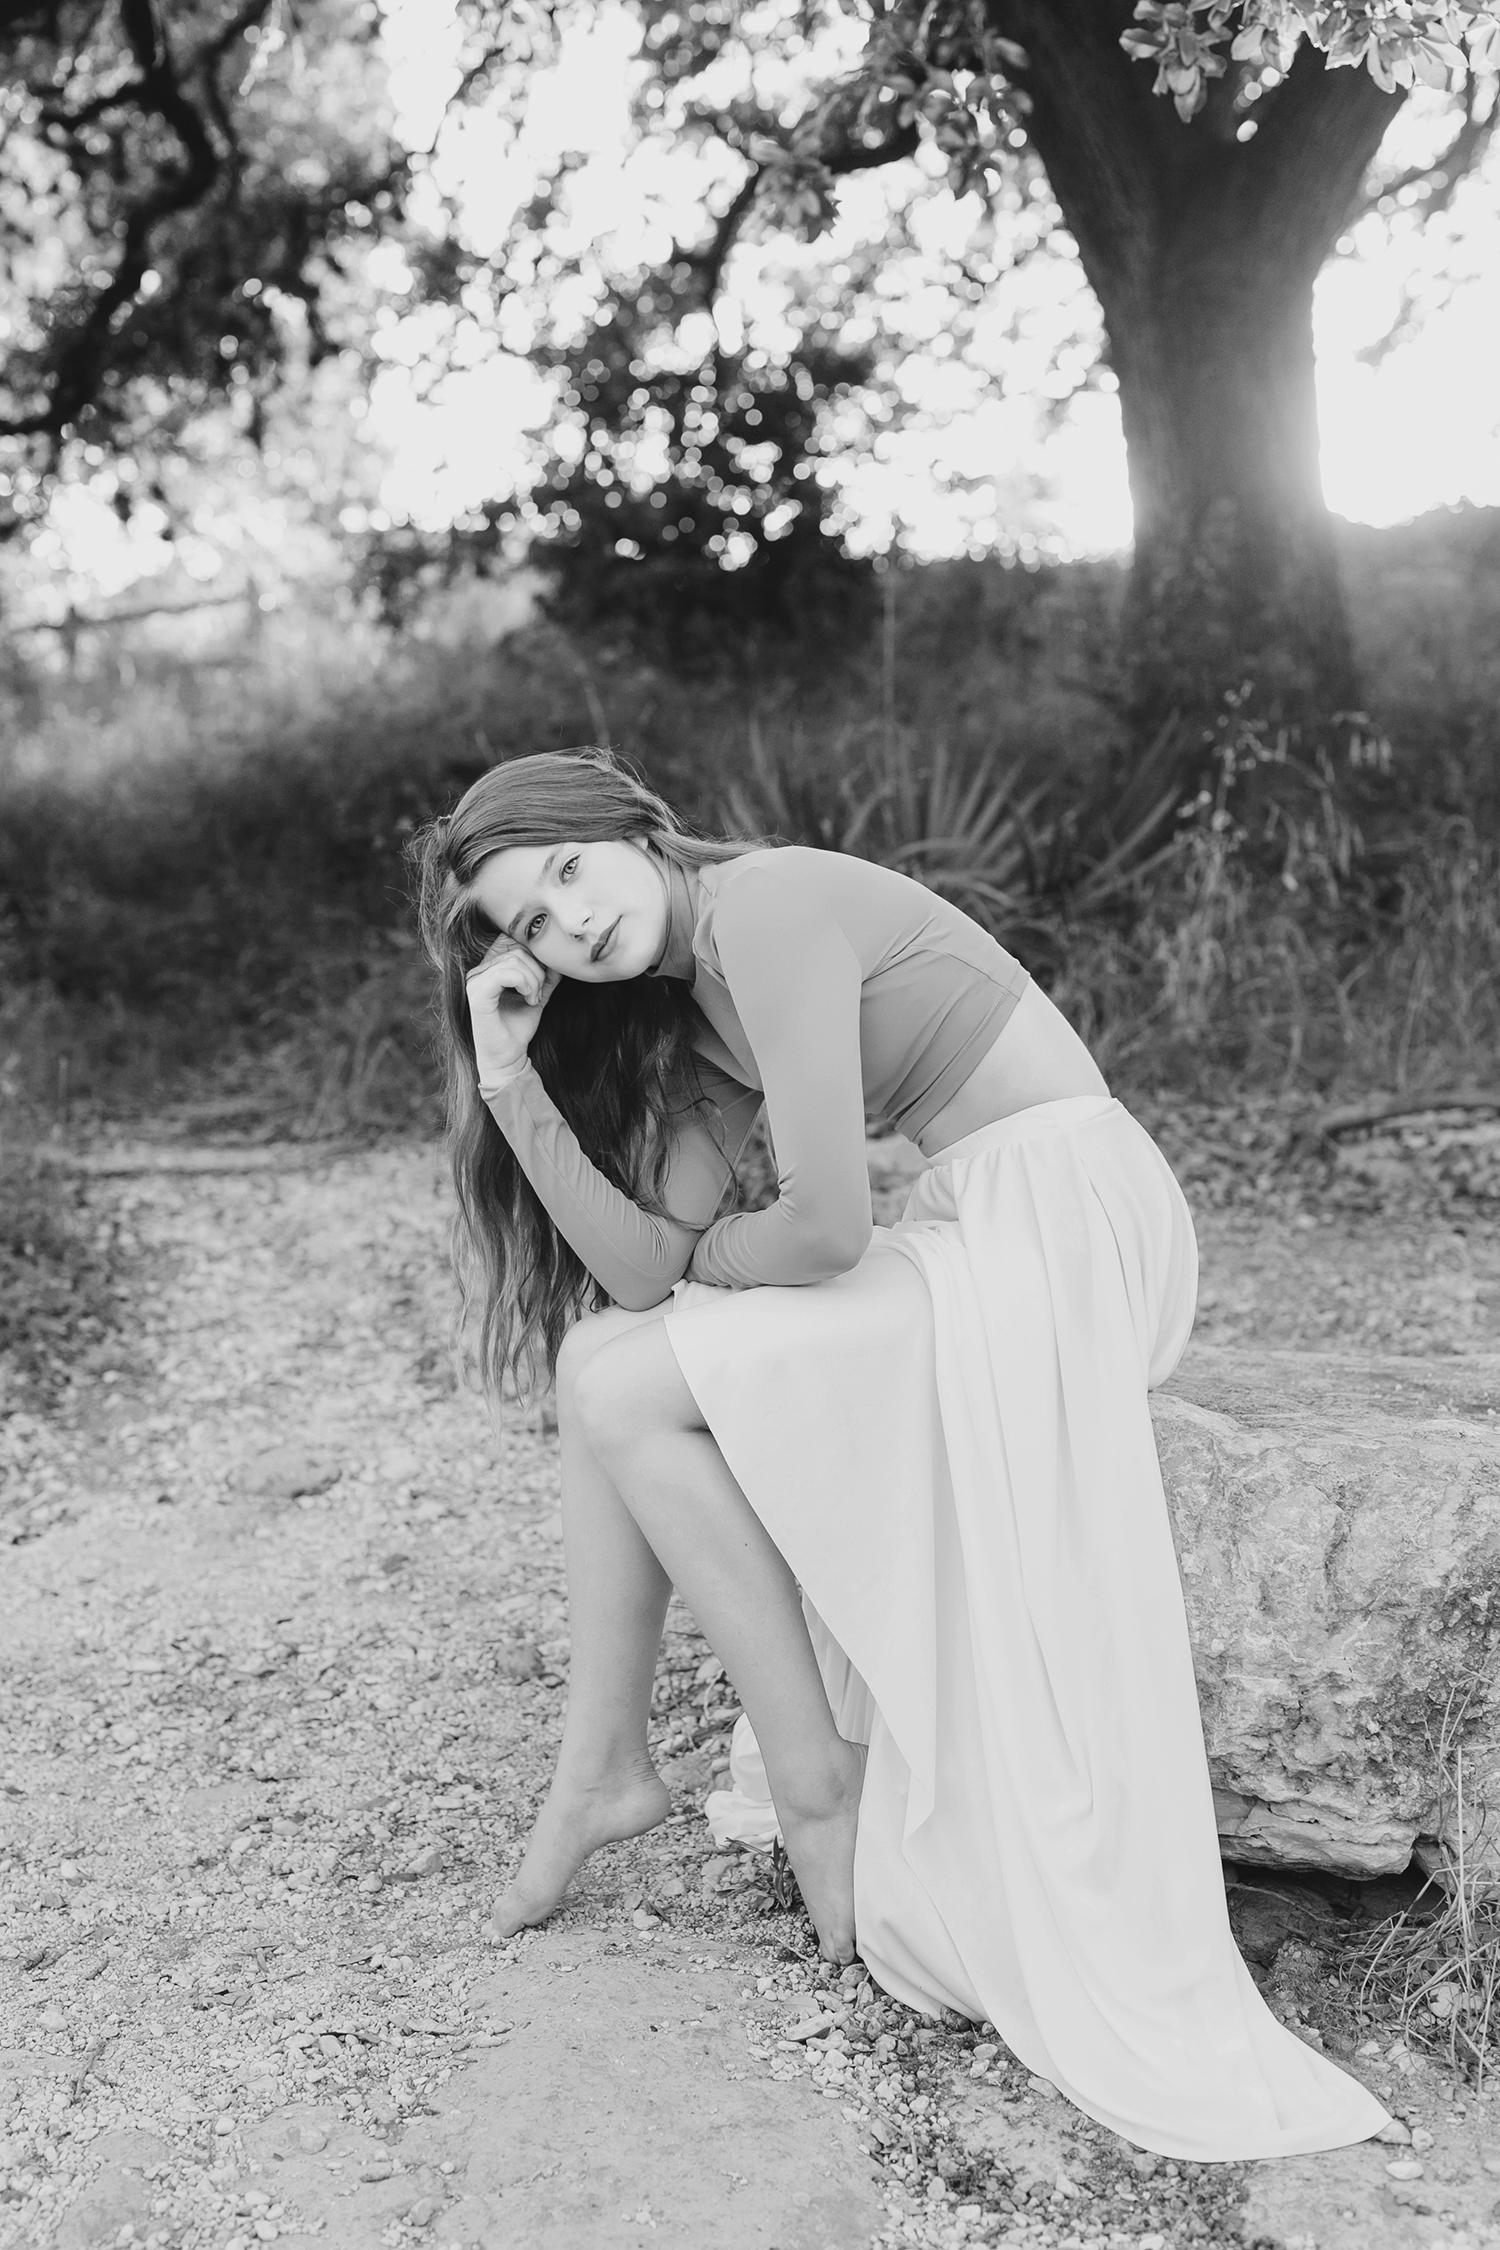 austin-dancer-teen-tween-portraits-kbp06.jpg